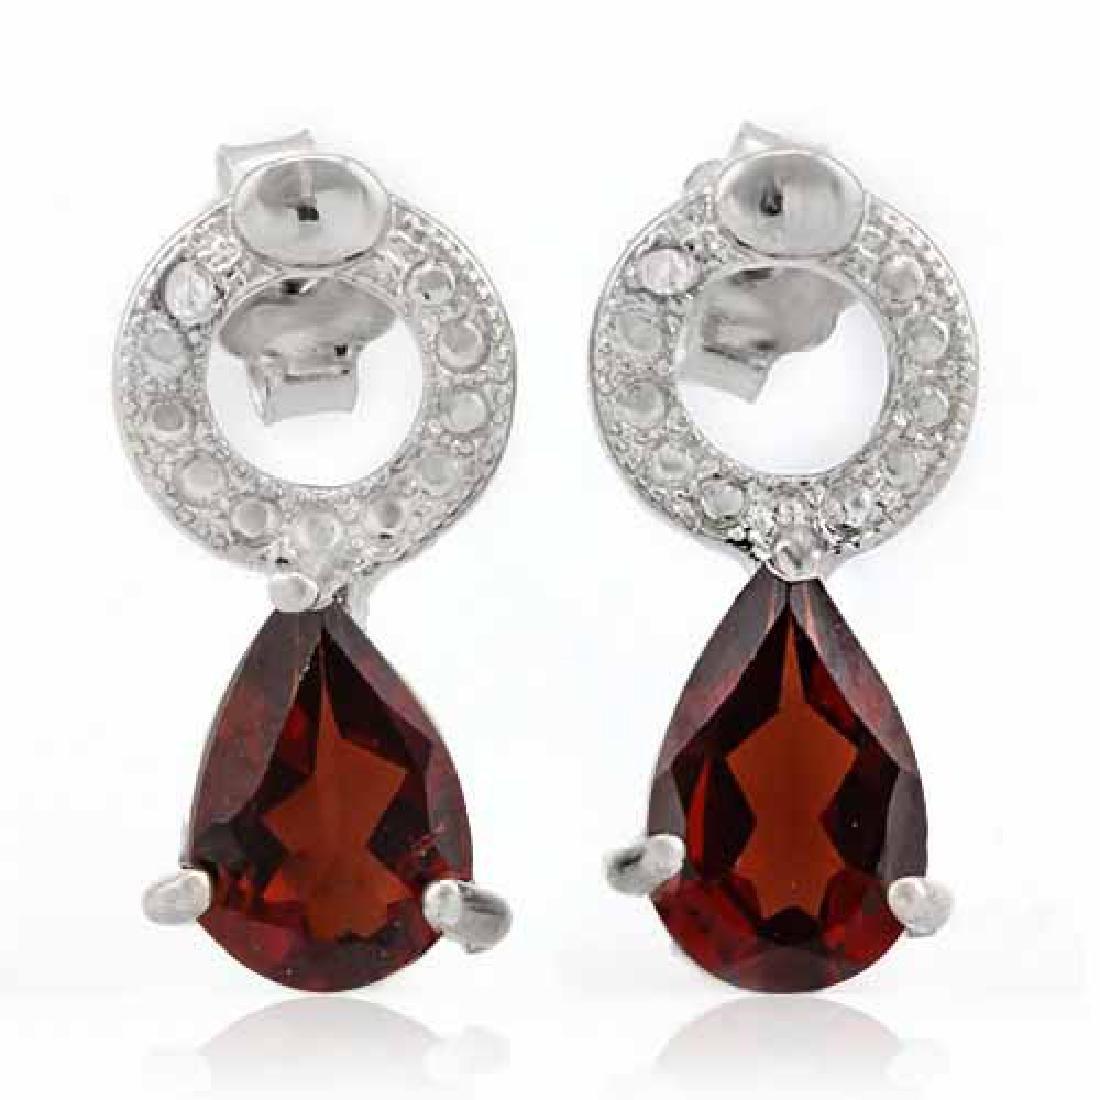 1 3/5 CARAT GARNET & DIAMOND 925 STERLING SILVER EARRIN